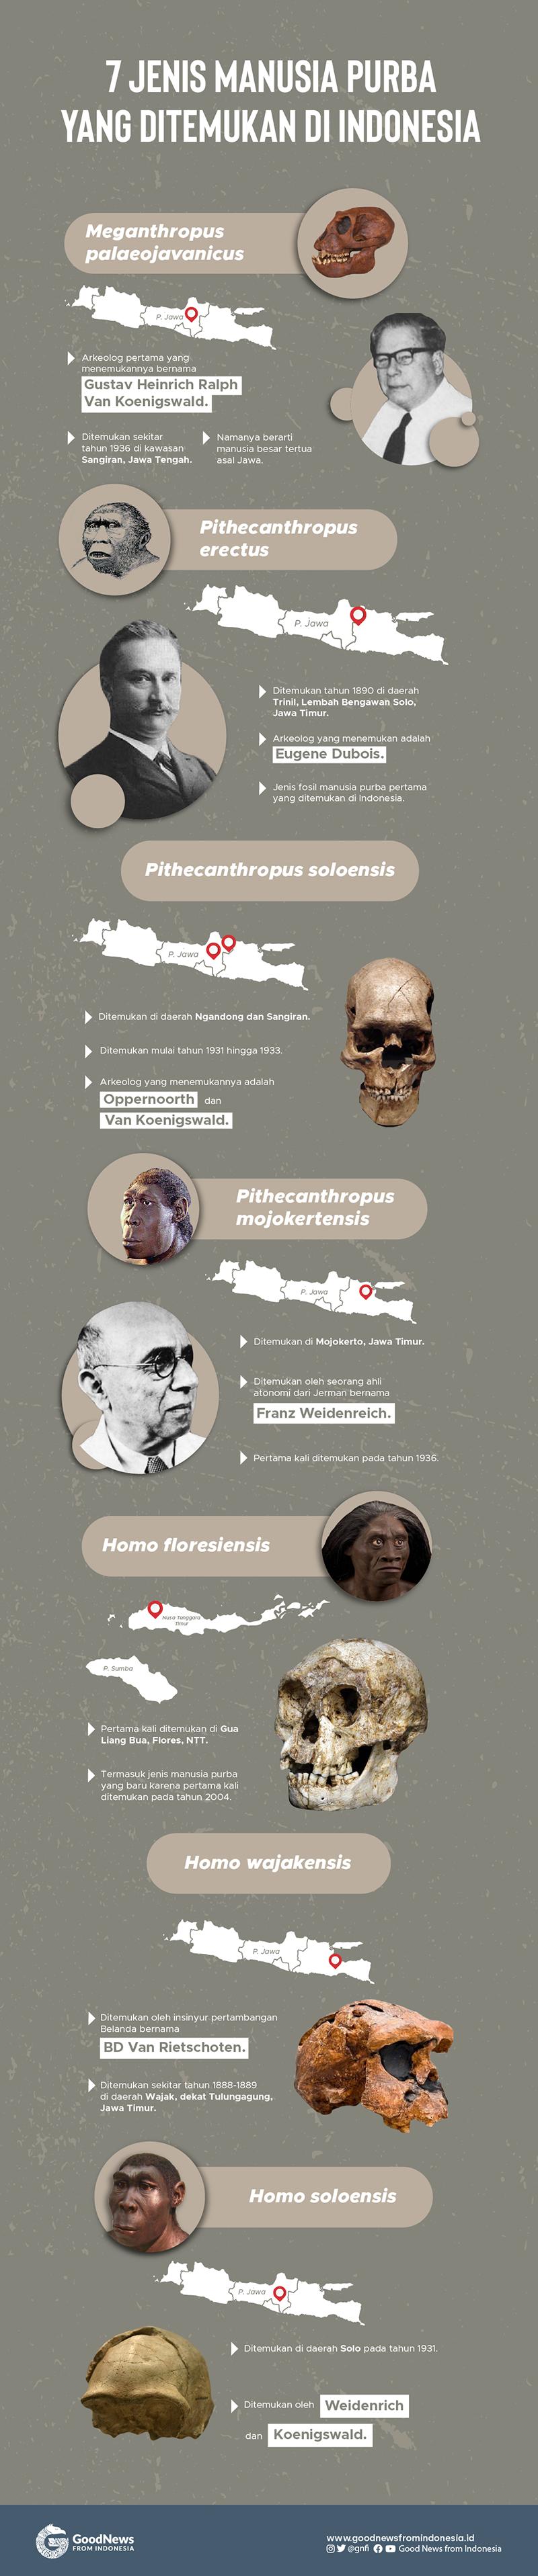 7 Manusia Purba yang Pernah Ditemukan di Indonesia